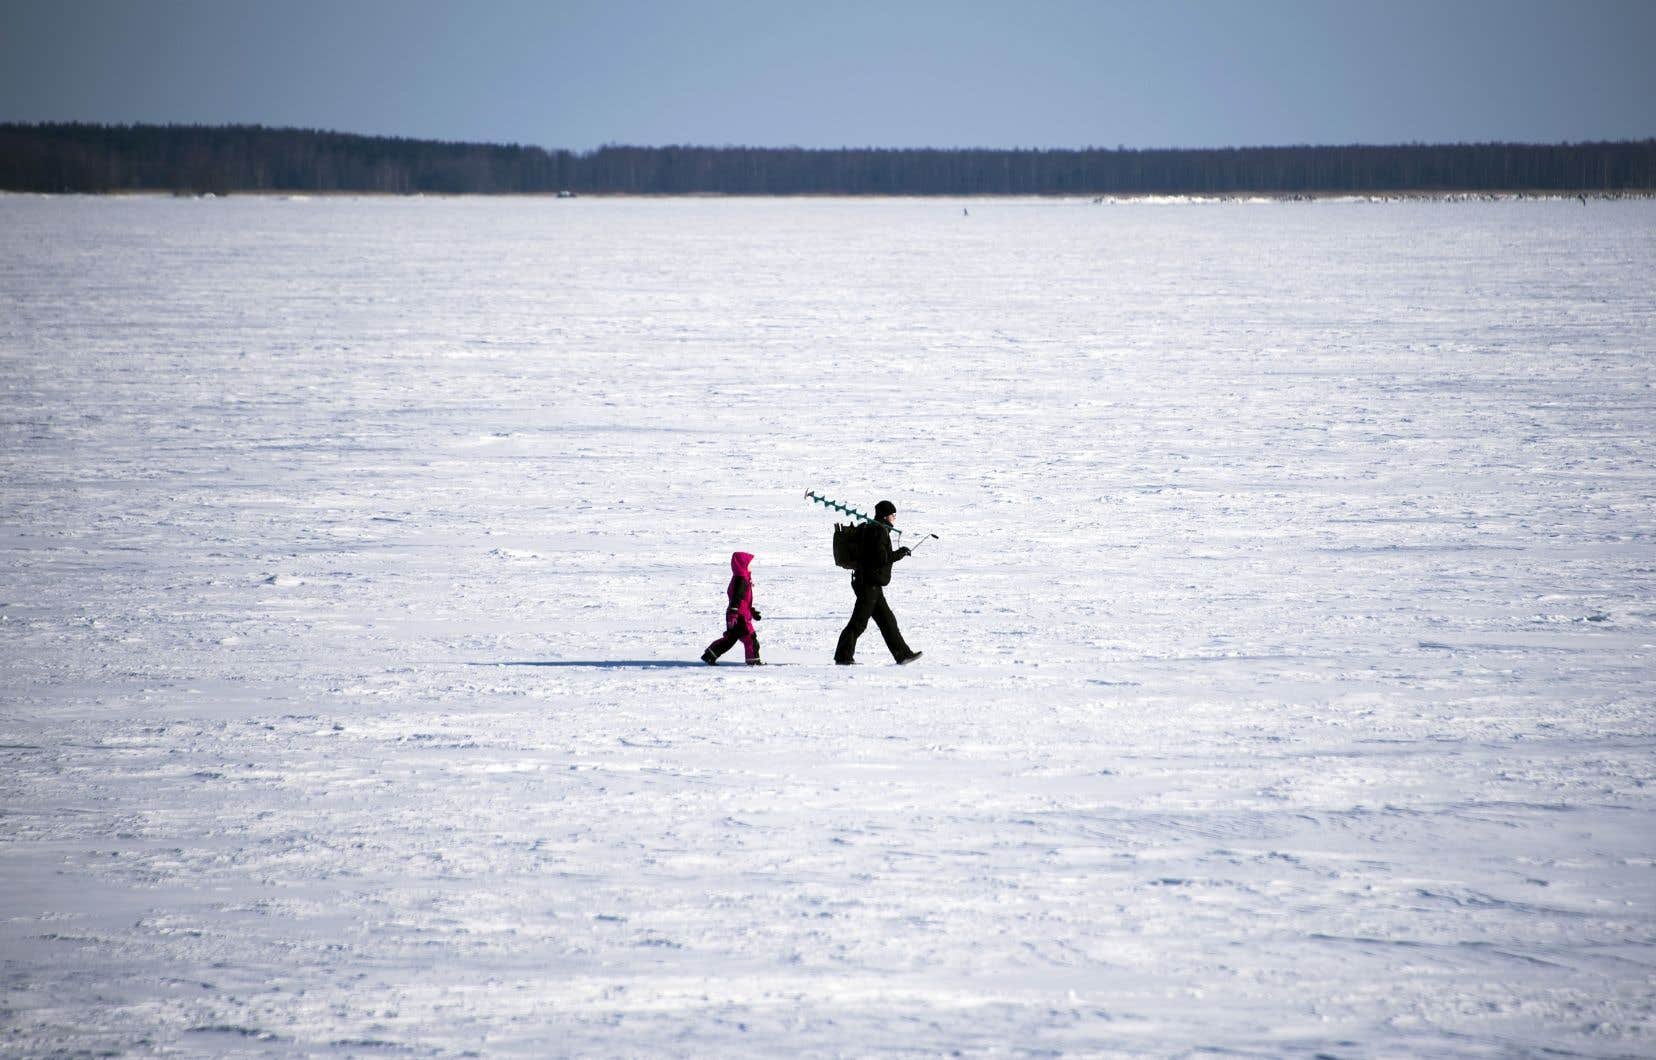 Un homme amène son fils à la pêche sur la mer de Botnie, gelée en plein mois de mars. Selon un sondage cité dans le livre de Joanna Nylund, les Finlandais privilégient la tranquillité, la liberté, l'ordre, l'équité et le contact avec la nature.